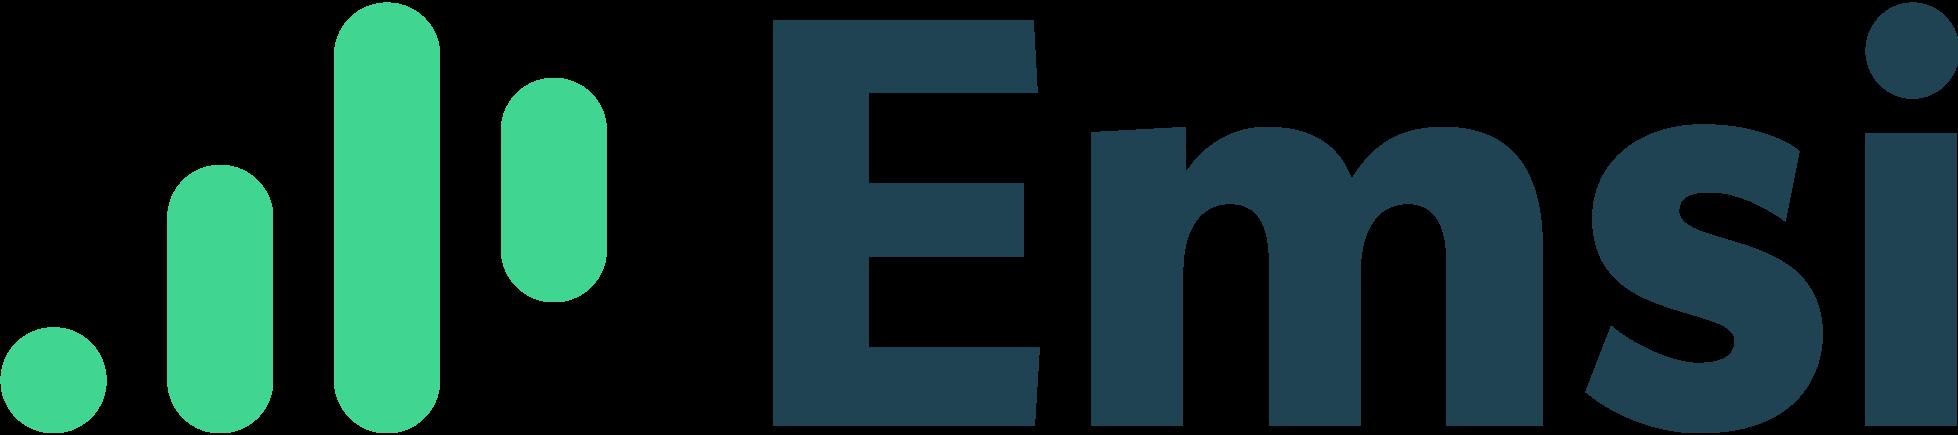 Emsi_full_lockup(two_color)